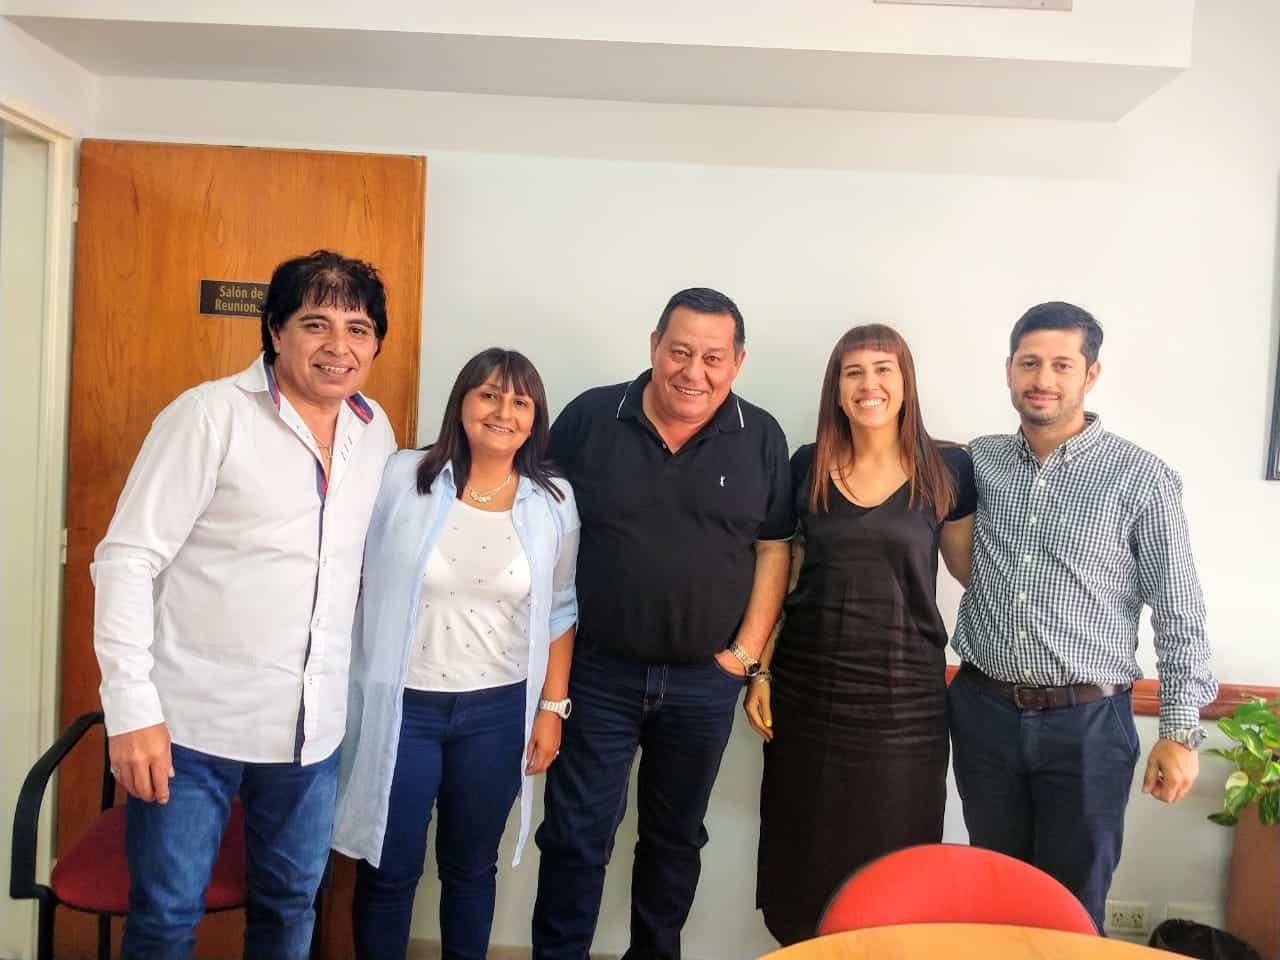 Reunión entre Jorge D´Andrea, Luis Duré y los concejales de Juntos por el Cambio Juan NArdo, Natalín Faravelli y Alejandra Liquitay